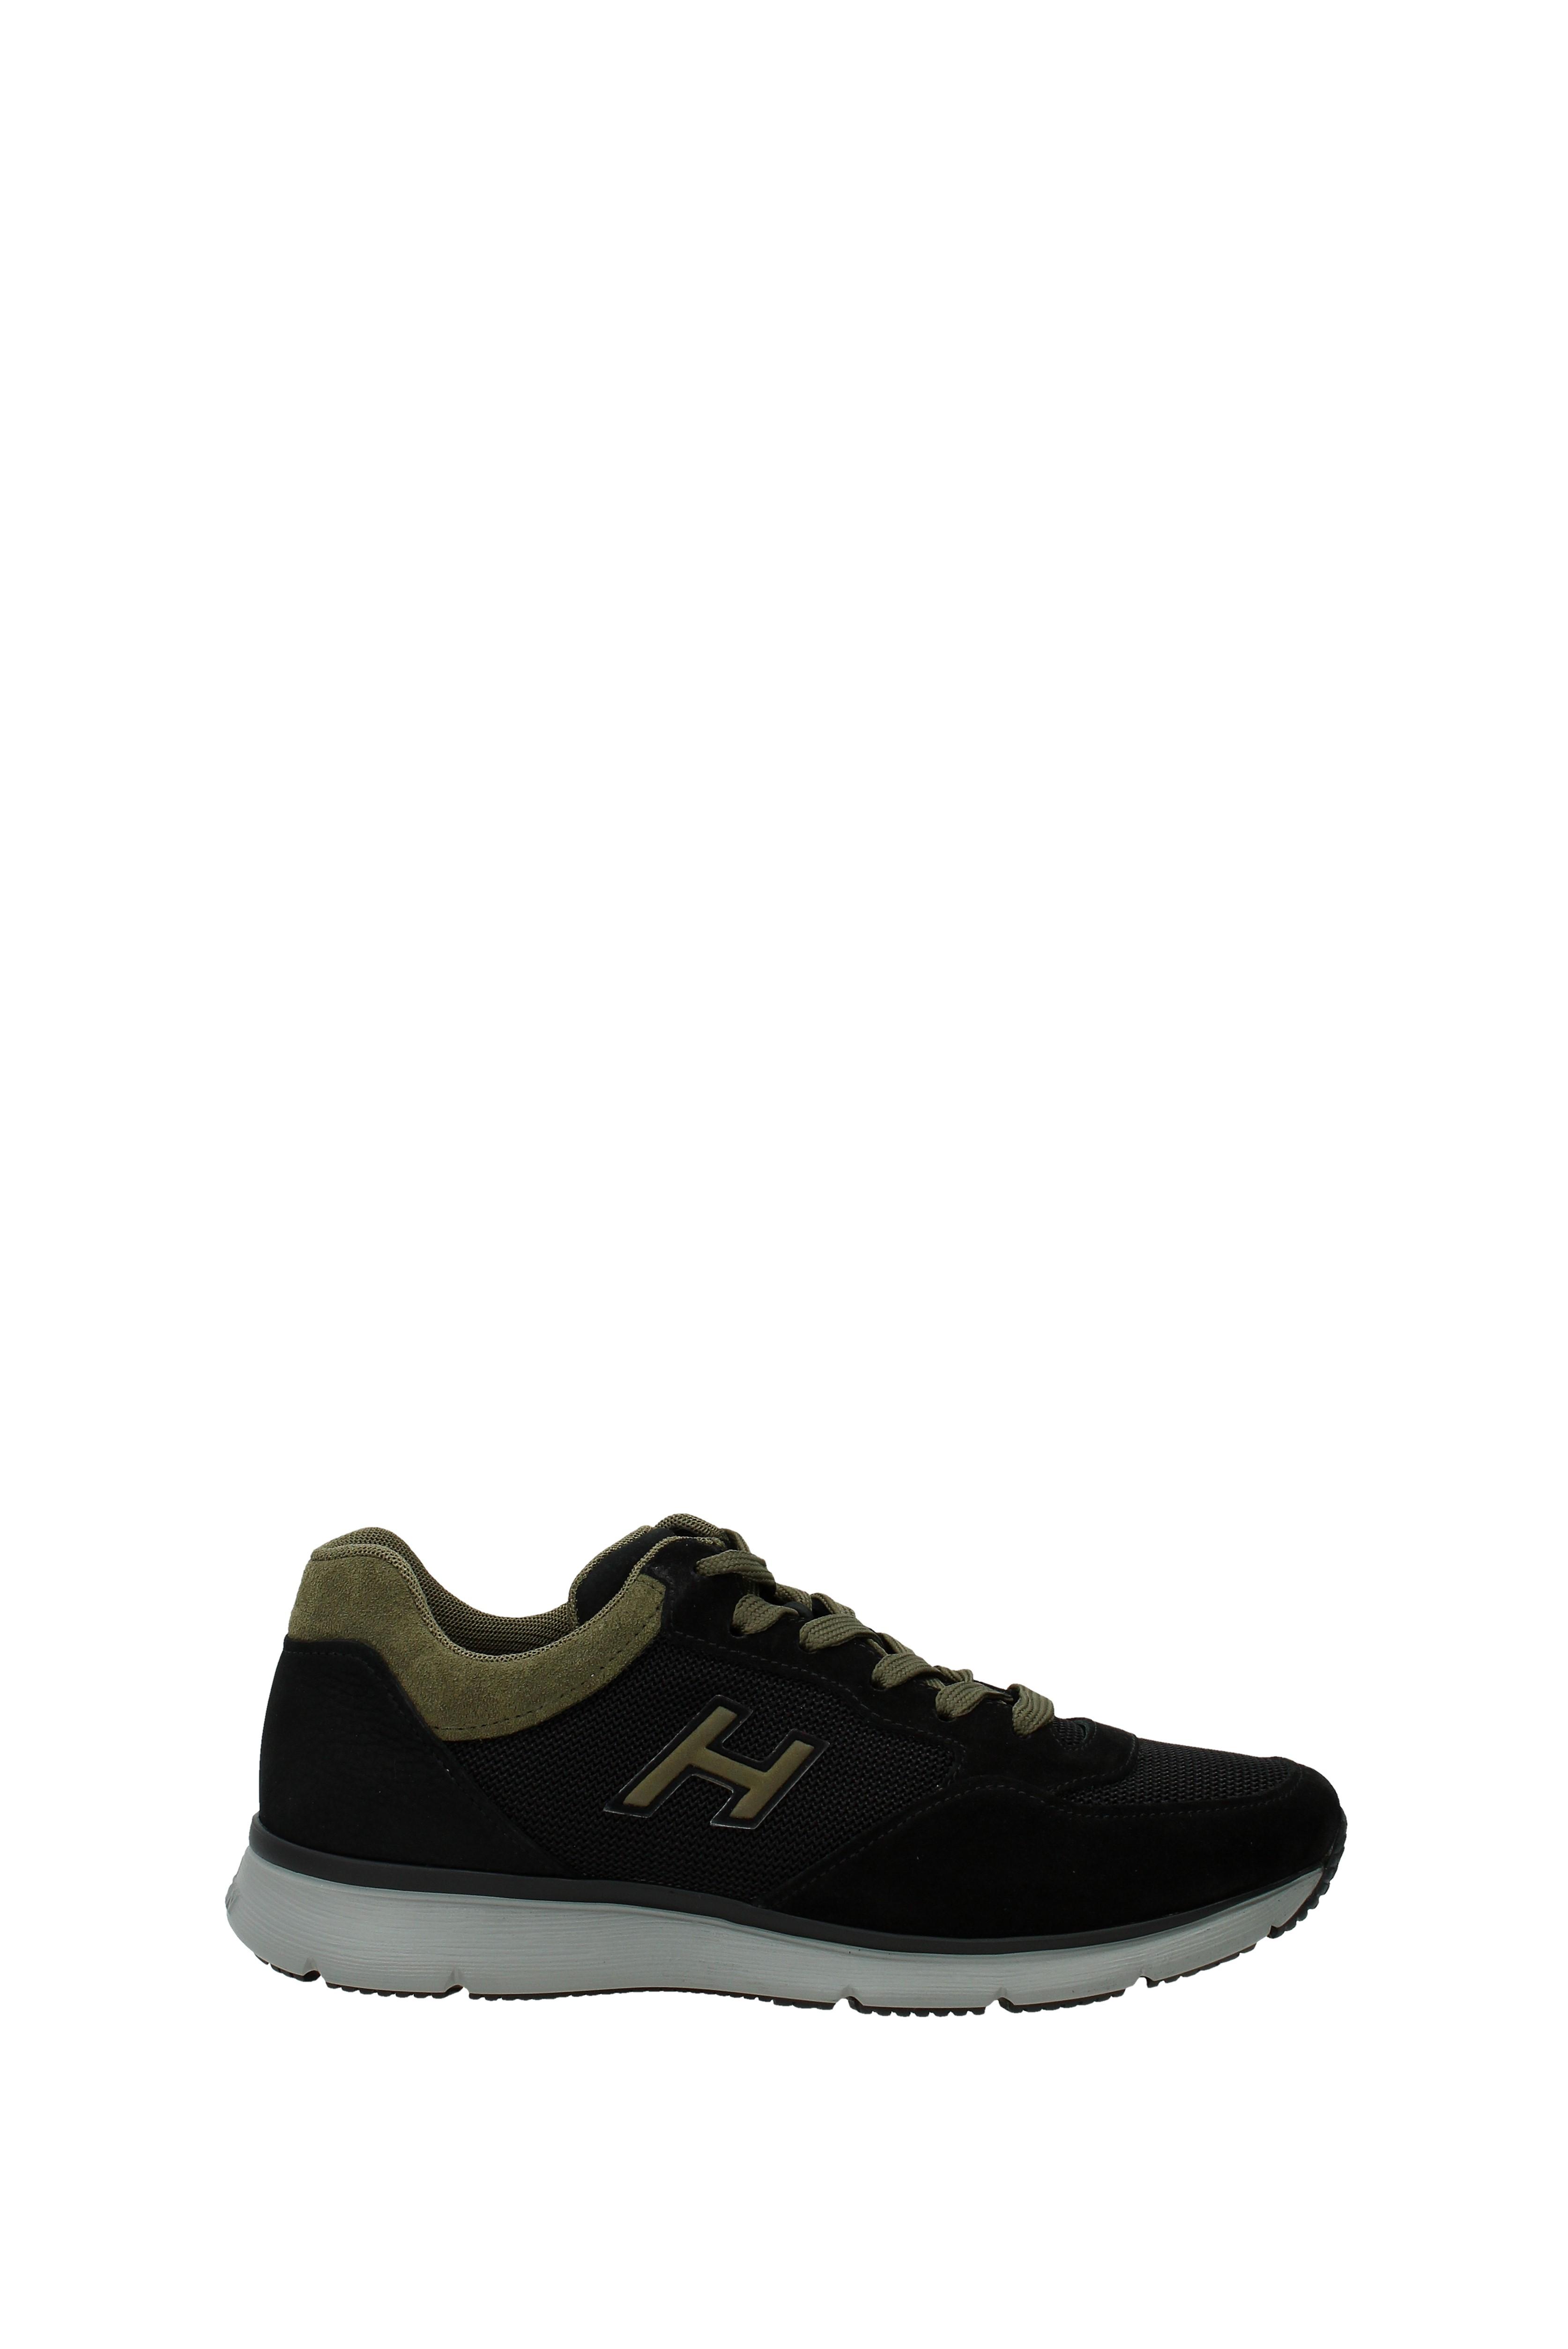 Sneakers Hogan Herren Herren Hogan - Stoff (HXM2540Y840H5I) 30df0d